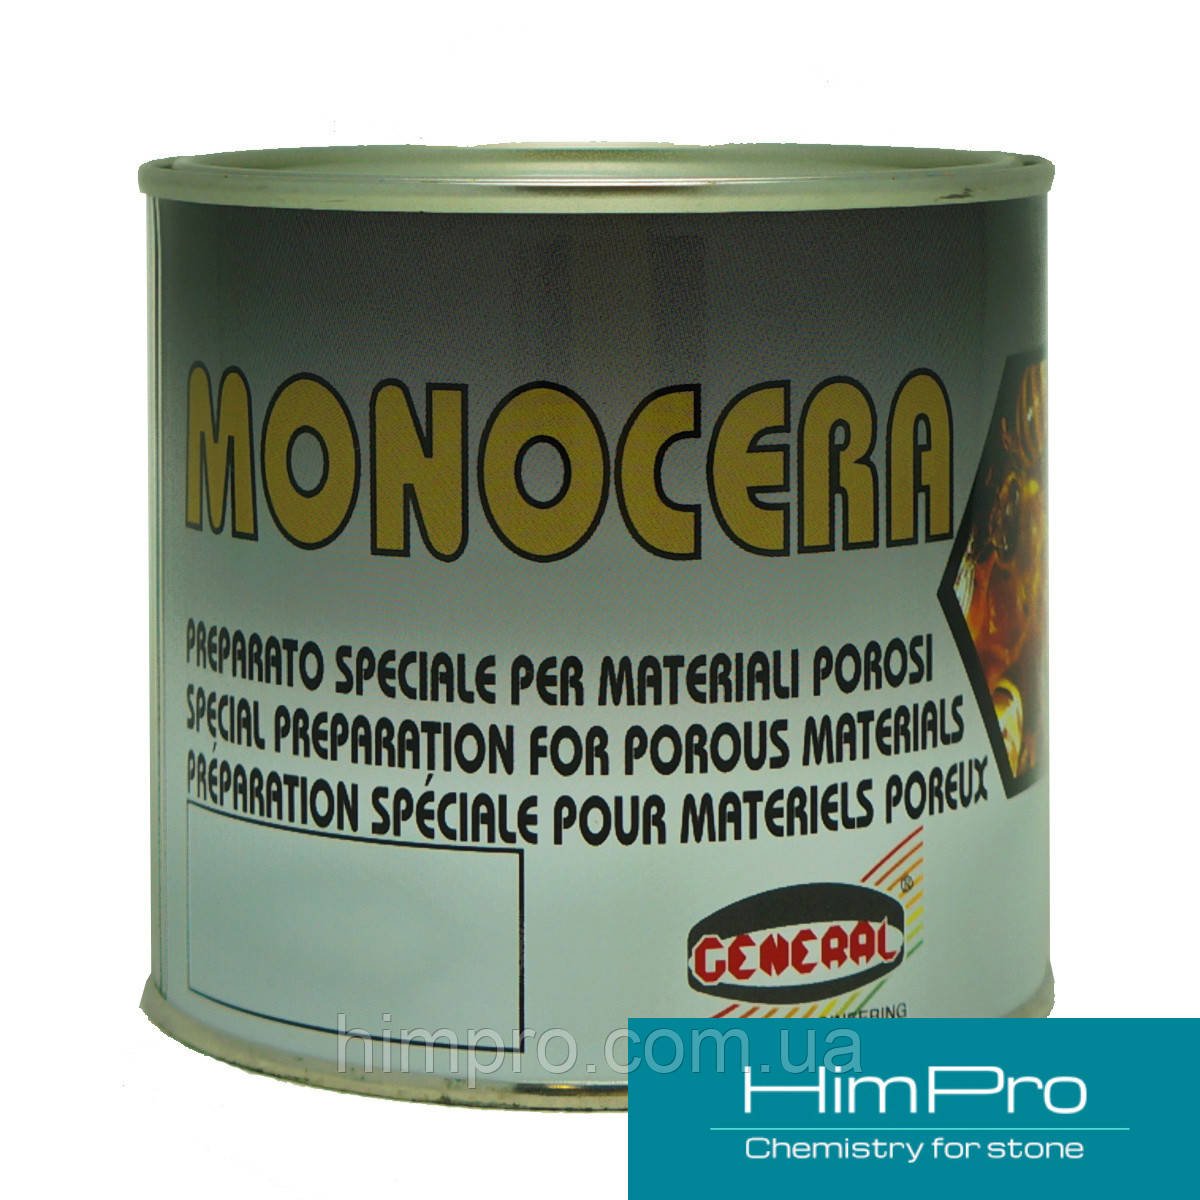 MONOCERA NERO 0.5L black General  черный, густой воск